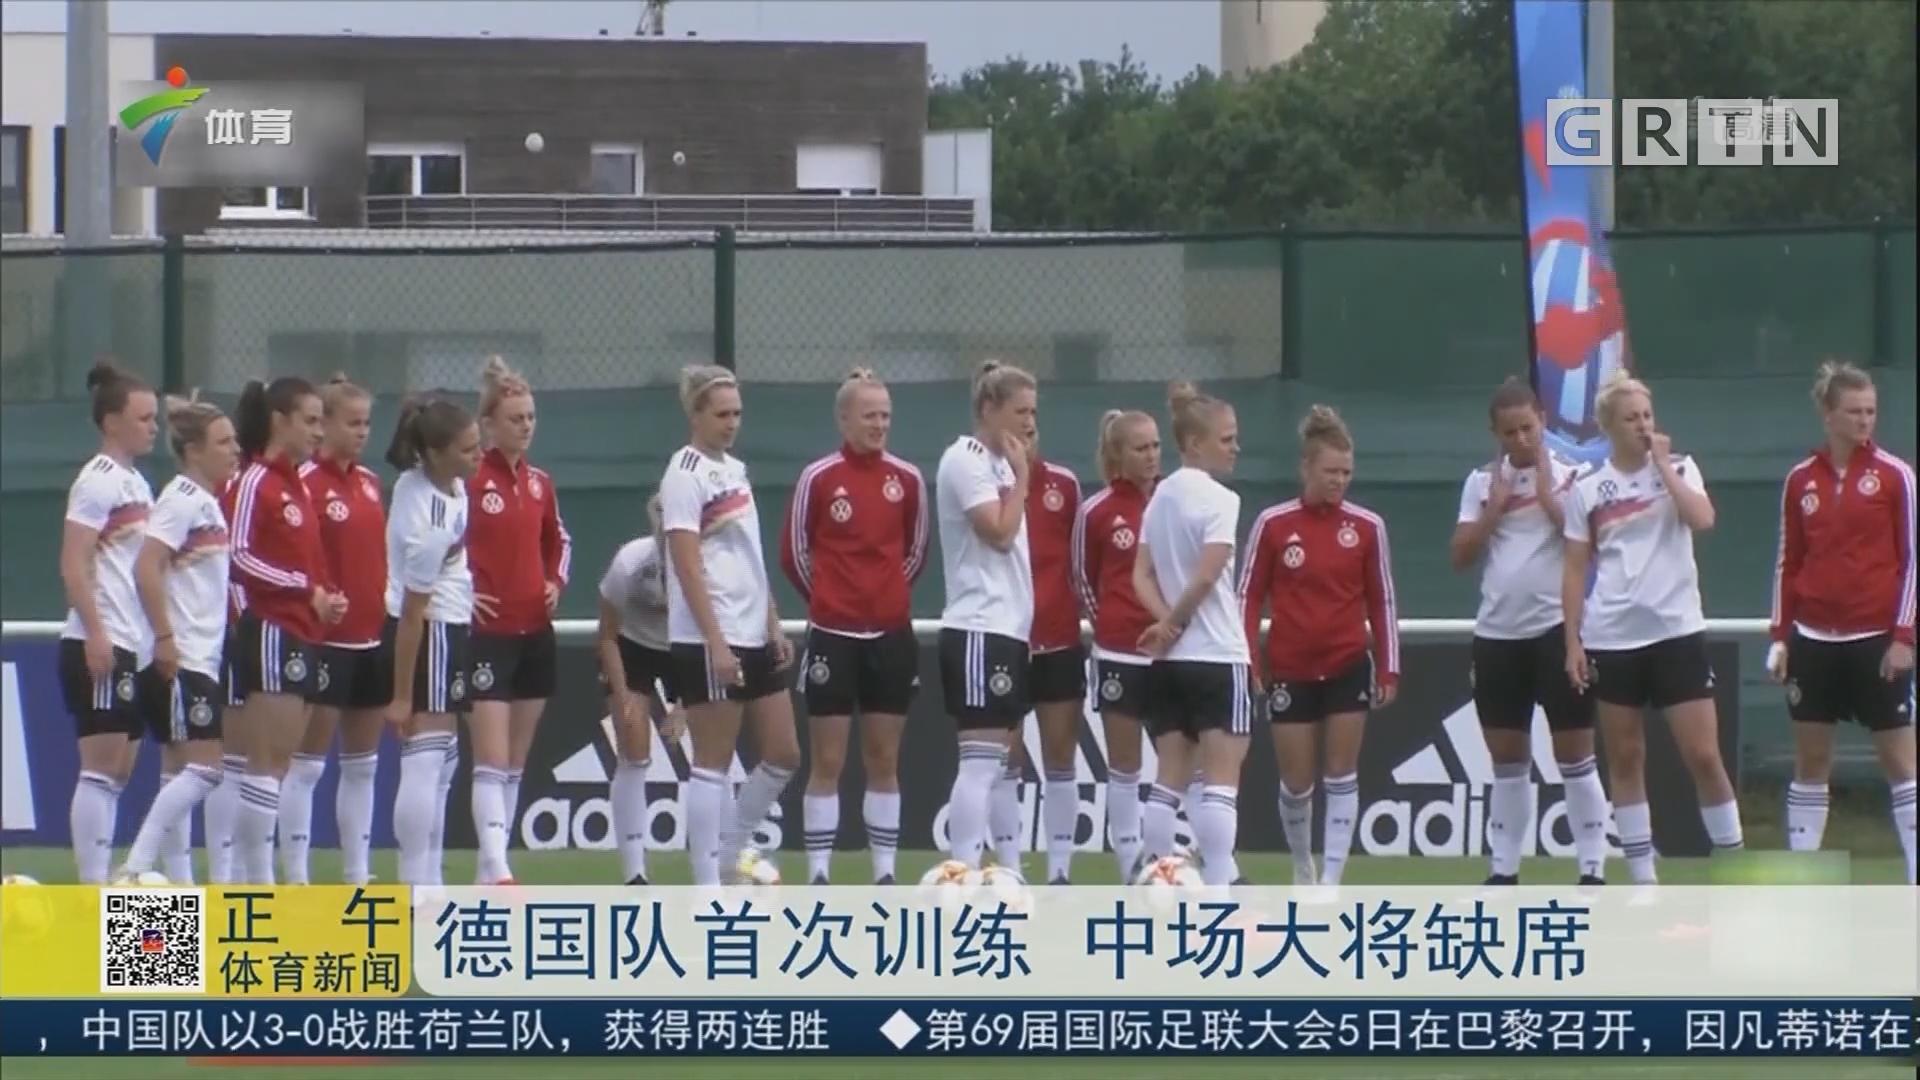 德国队首次训练 中场大将缺席